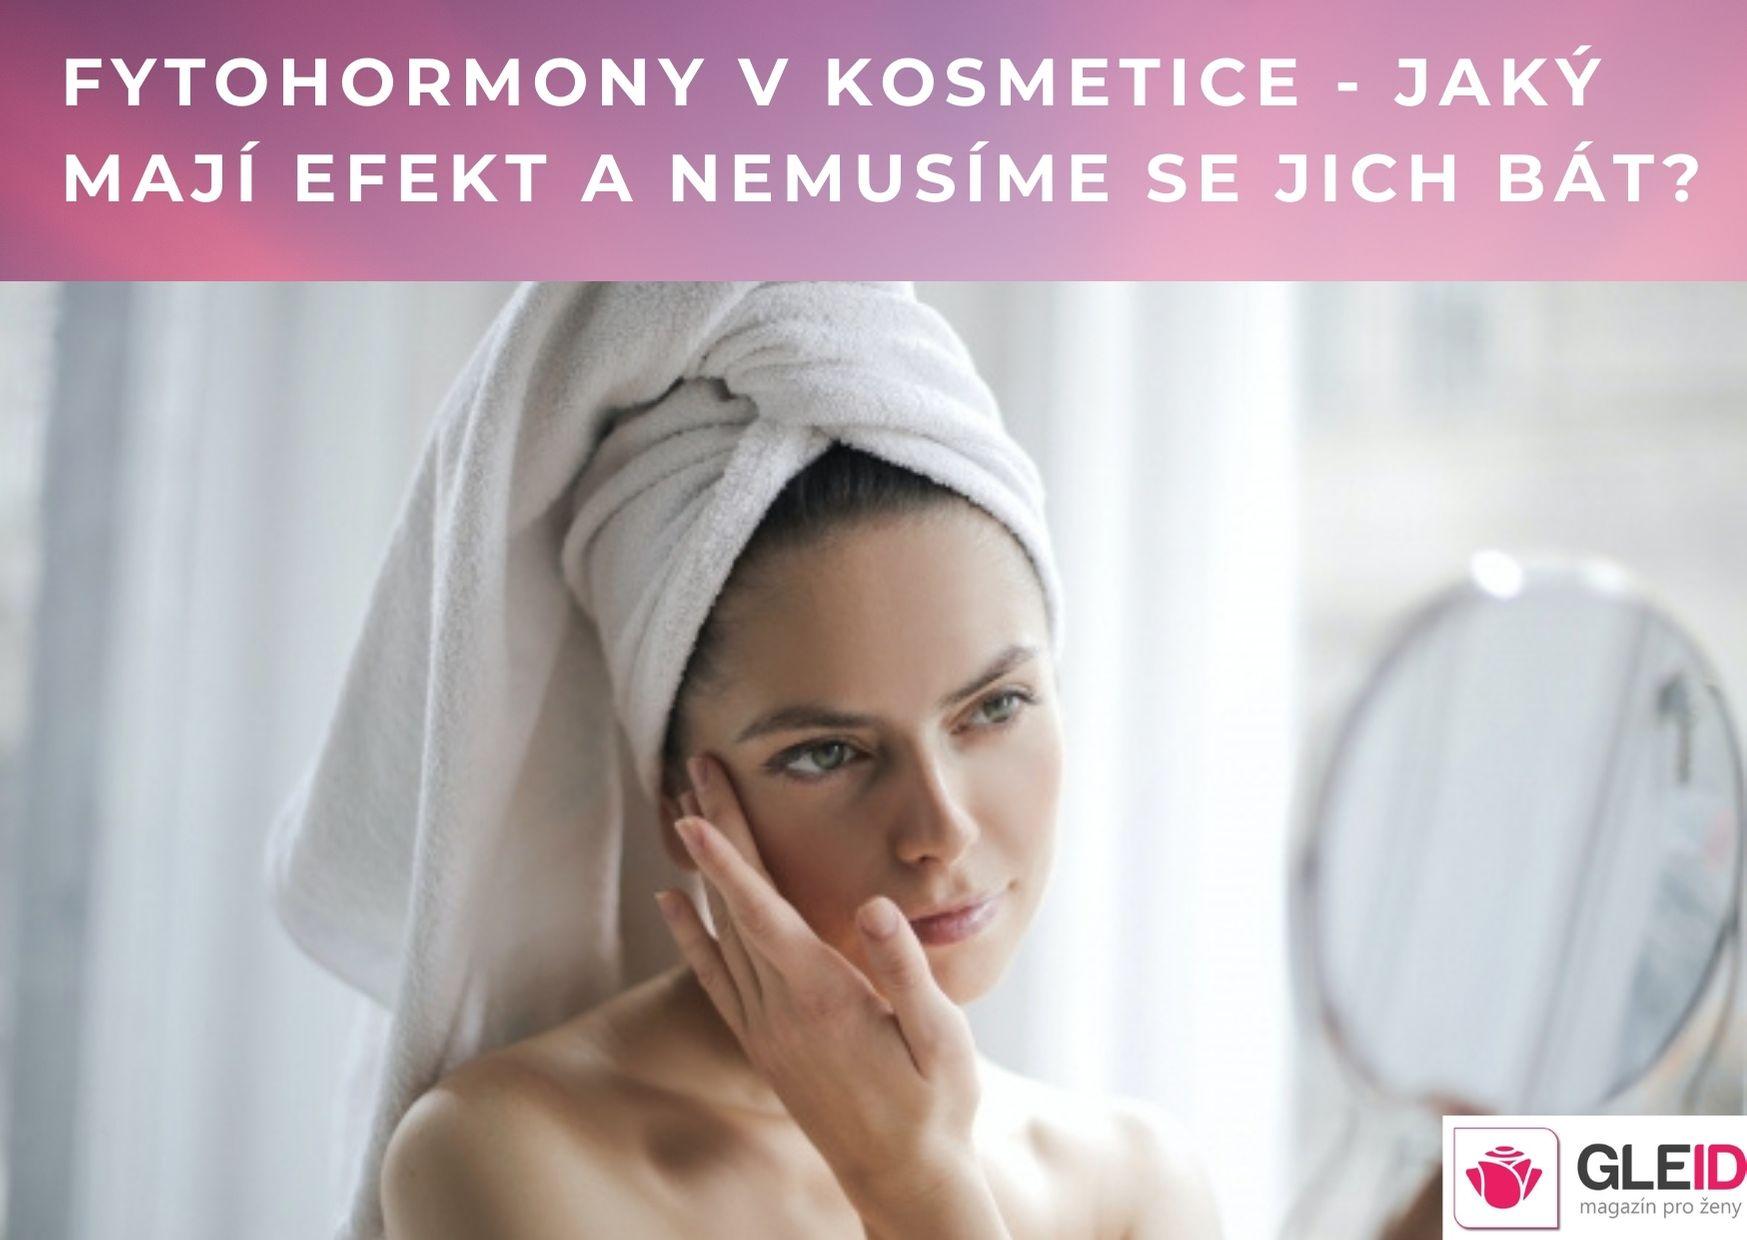 Fytohormony